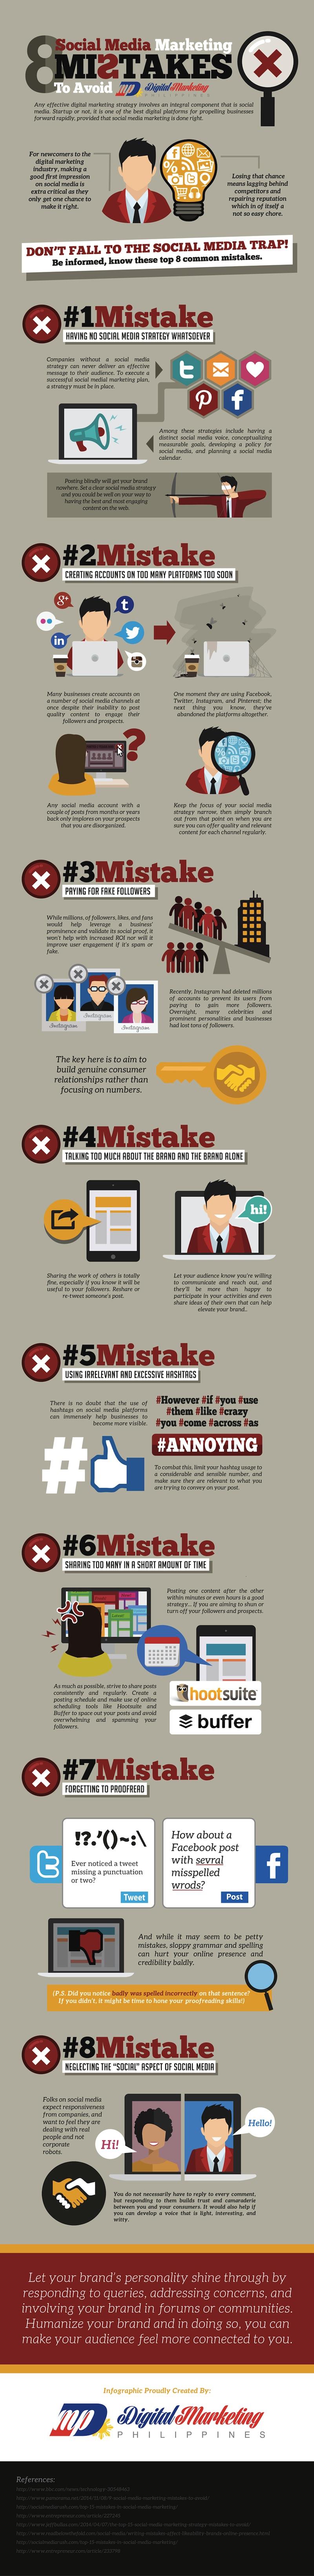 Die Infografik zeigt 8 Fehler, die man beim Social Media Marketing vermeiden sollte. (© Digital Marketing Philippines / Bild)